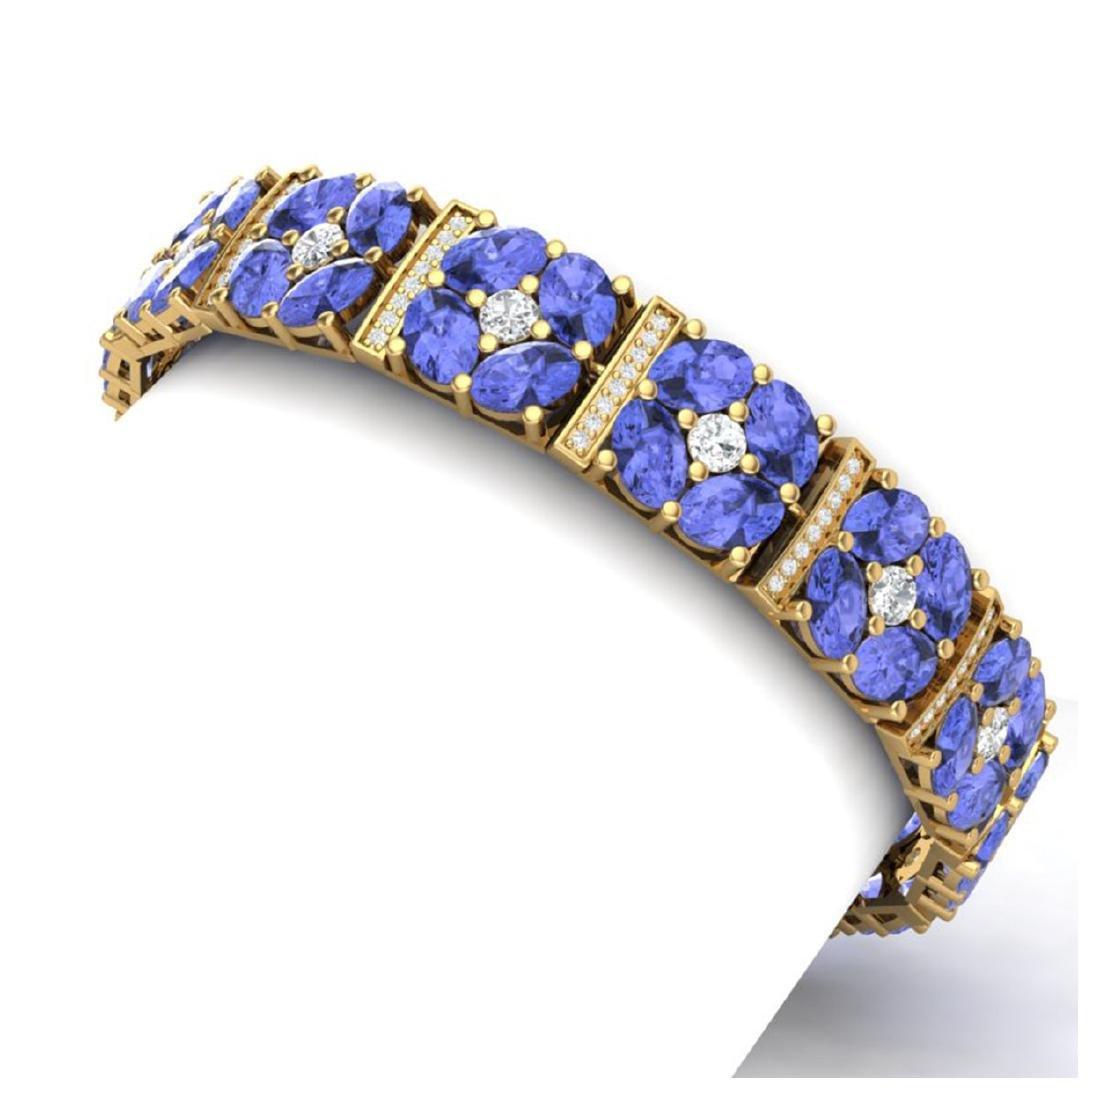 30.98 CTW Royalty Tanzanite & VS Diamond Bracelet 18K - 2